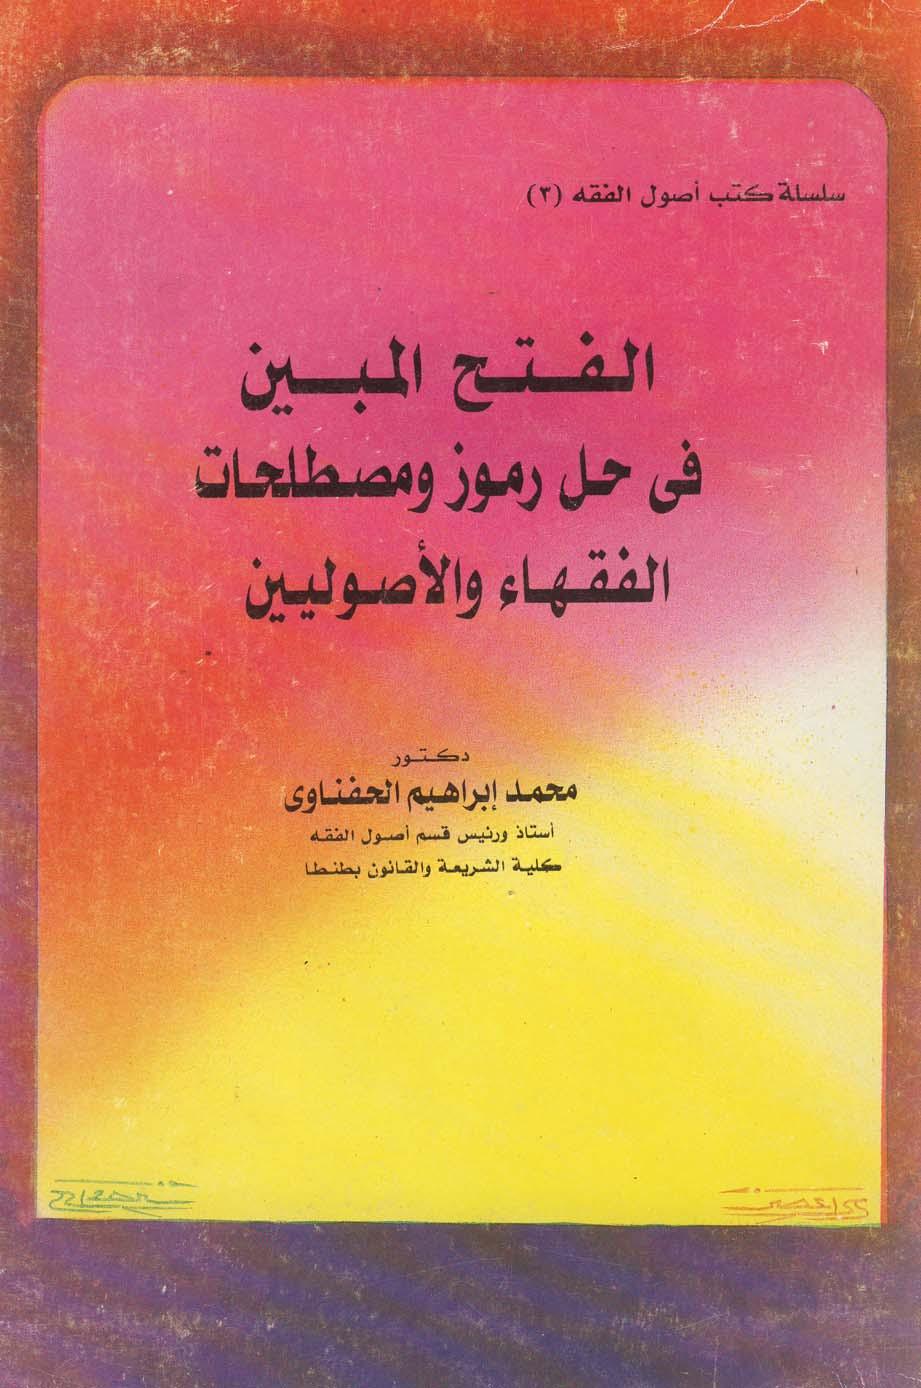 تحميل كتاب الاشارات التركية والعثمانية